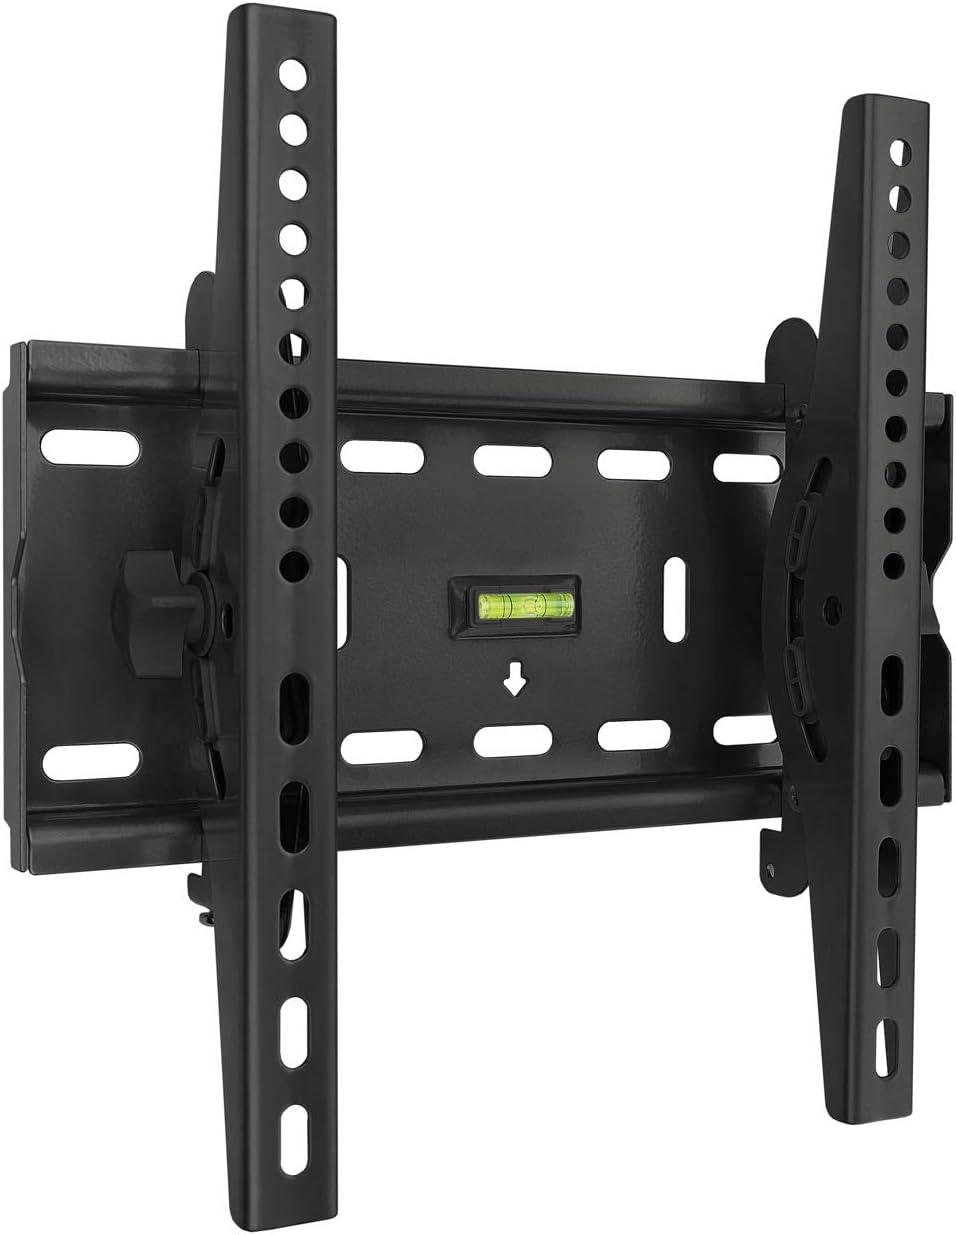 TooQ LP4537T-B, Soporte Fijo Inclinable de Pared para Monitor/TV/LED de 32